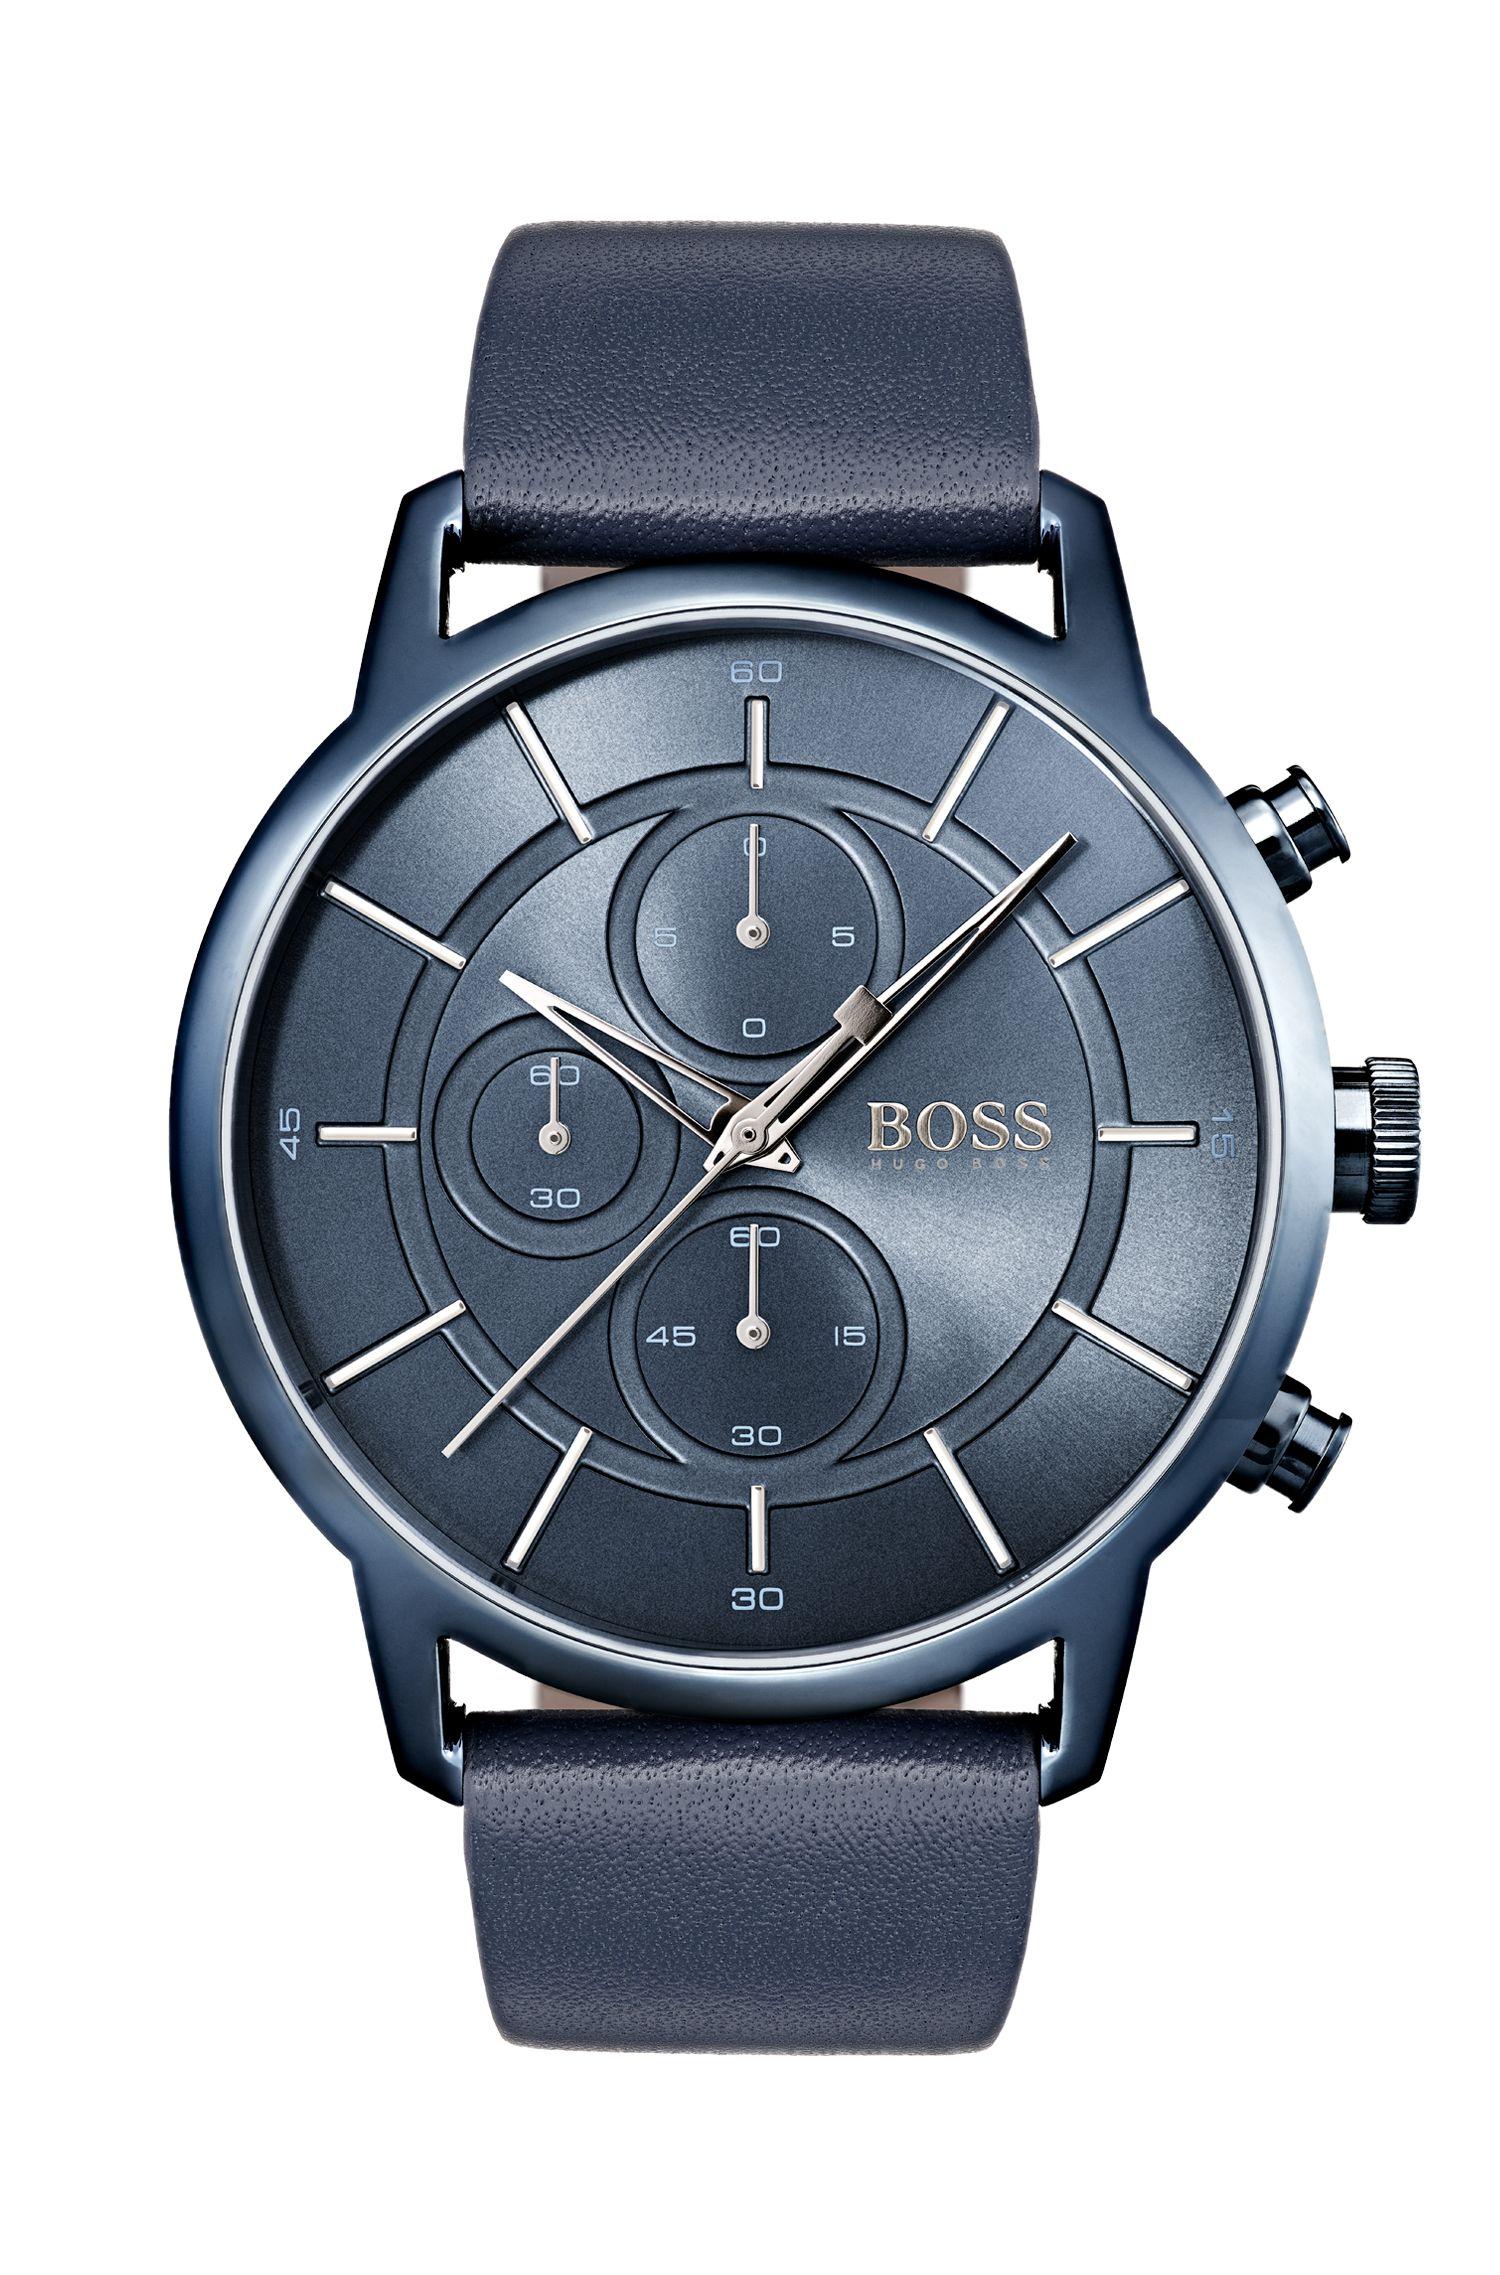 Montre à bracelet en cuir bleu inspirée du style Bauhaus